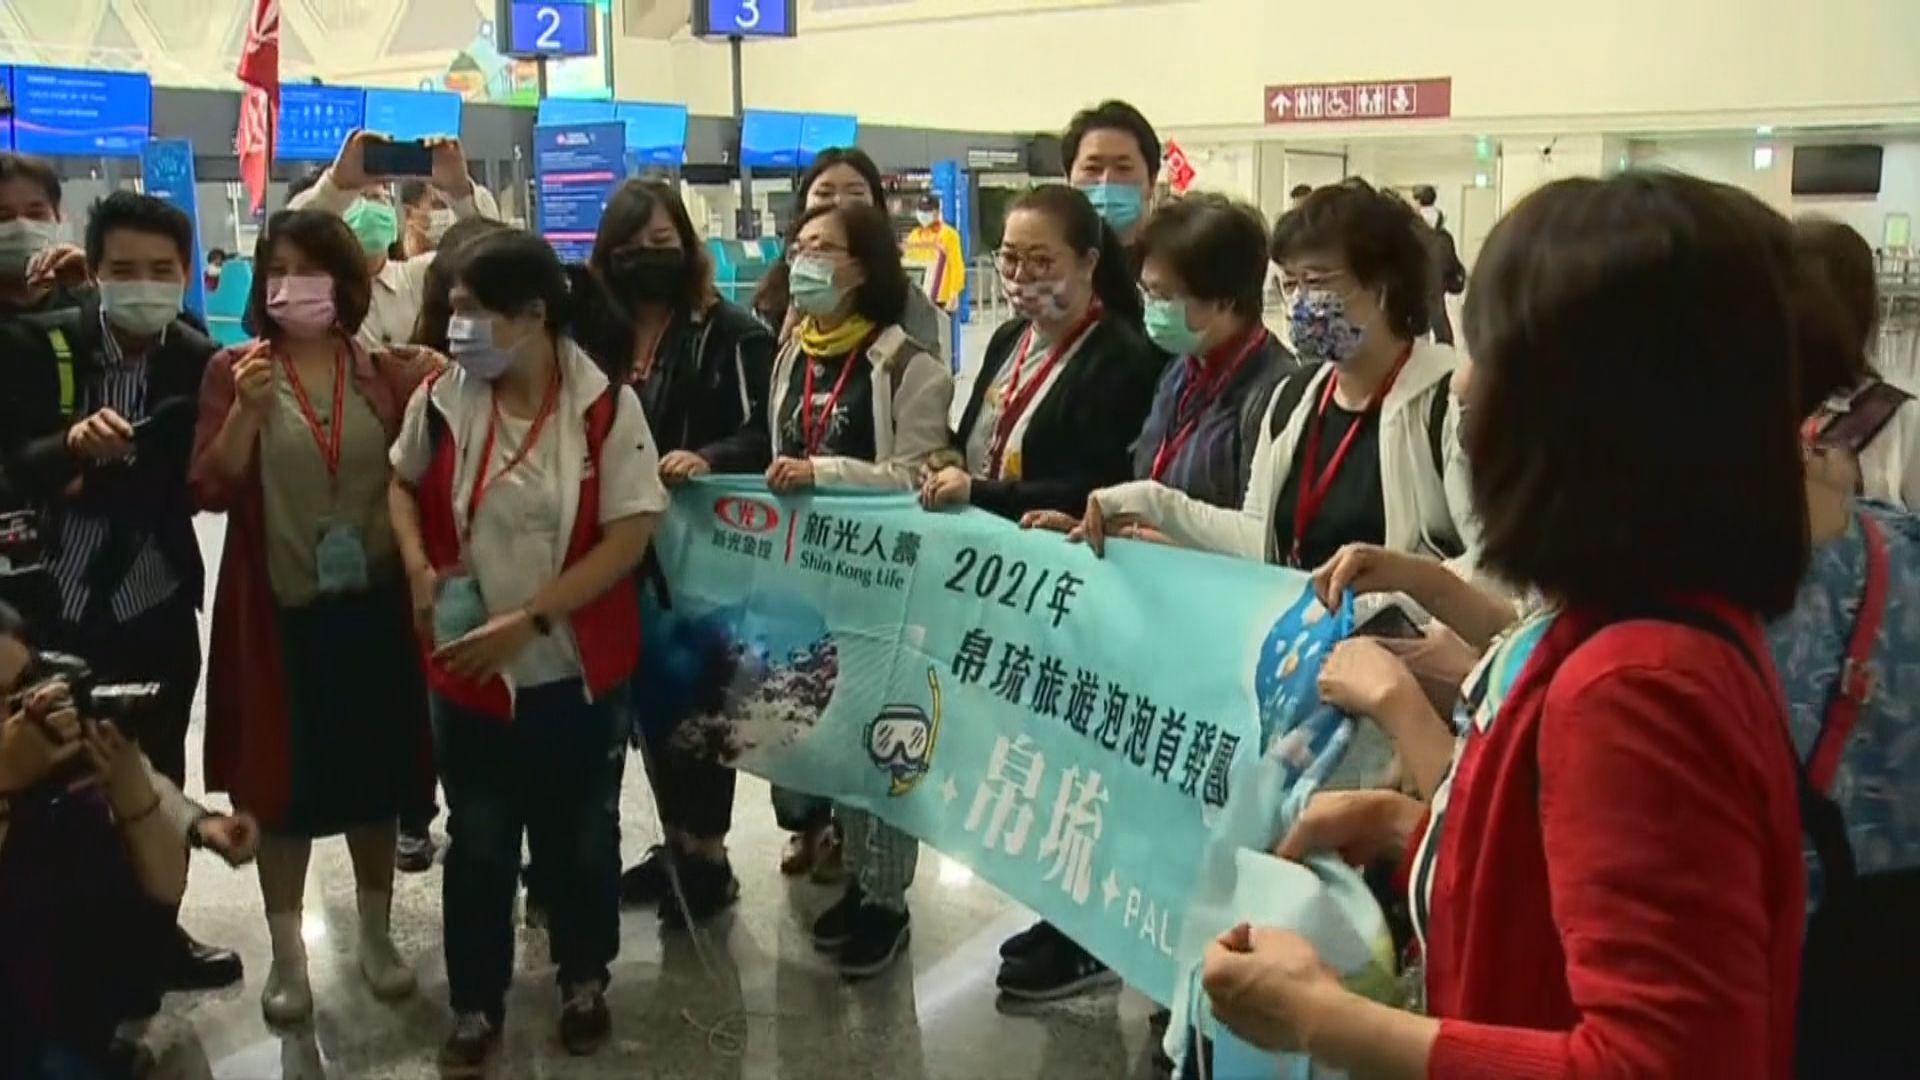 台灣與帕勞啟動旅遊氣泡 旅客病毒檢測陰性準備出發